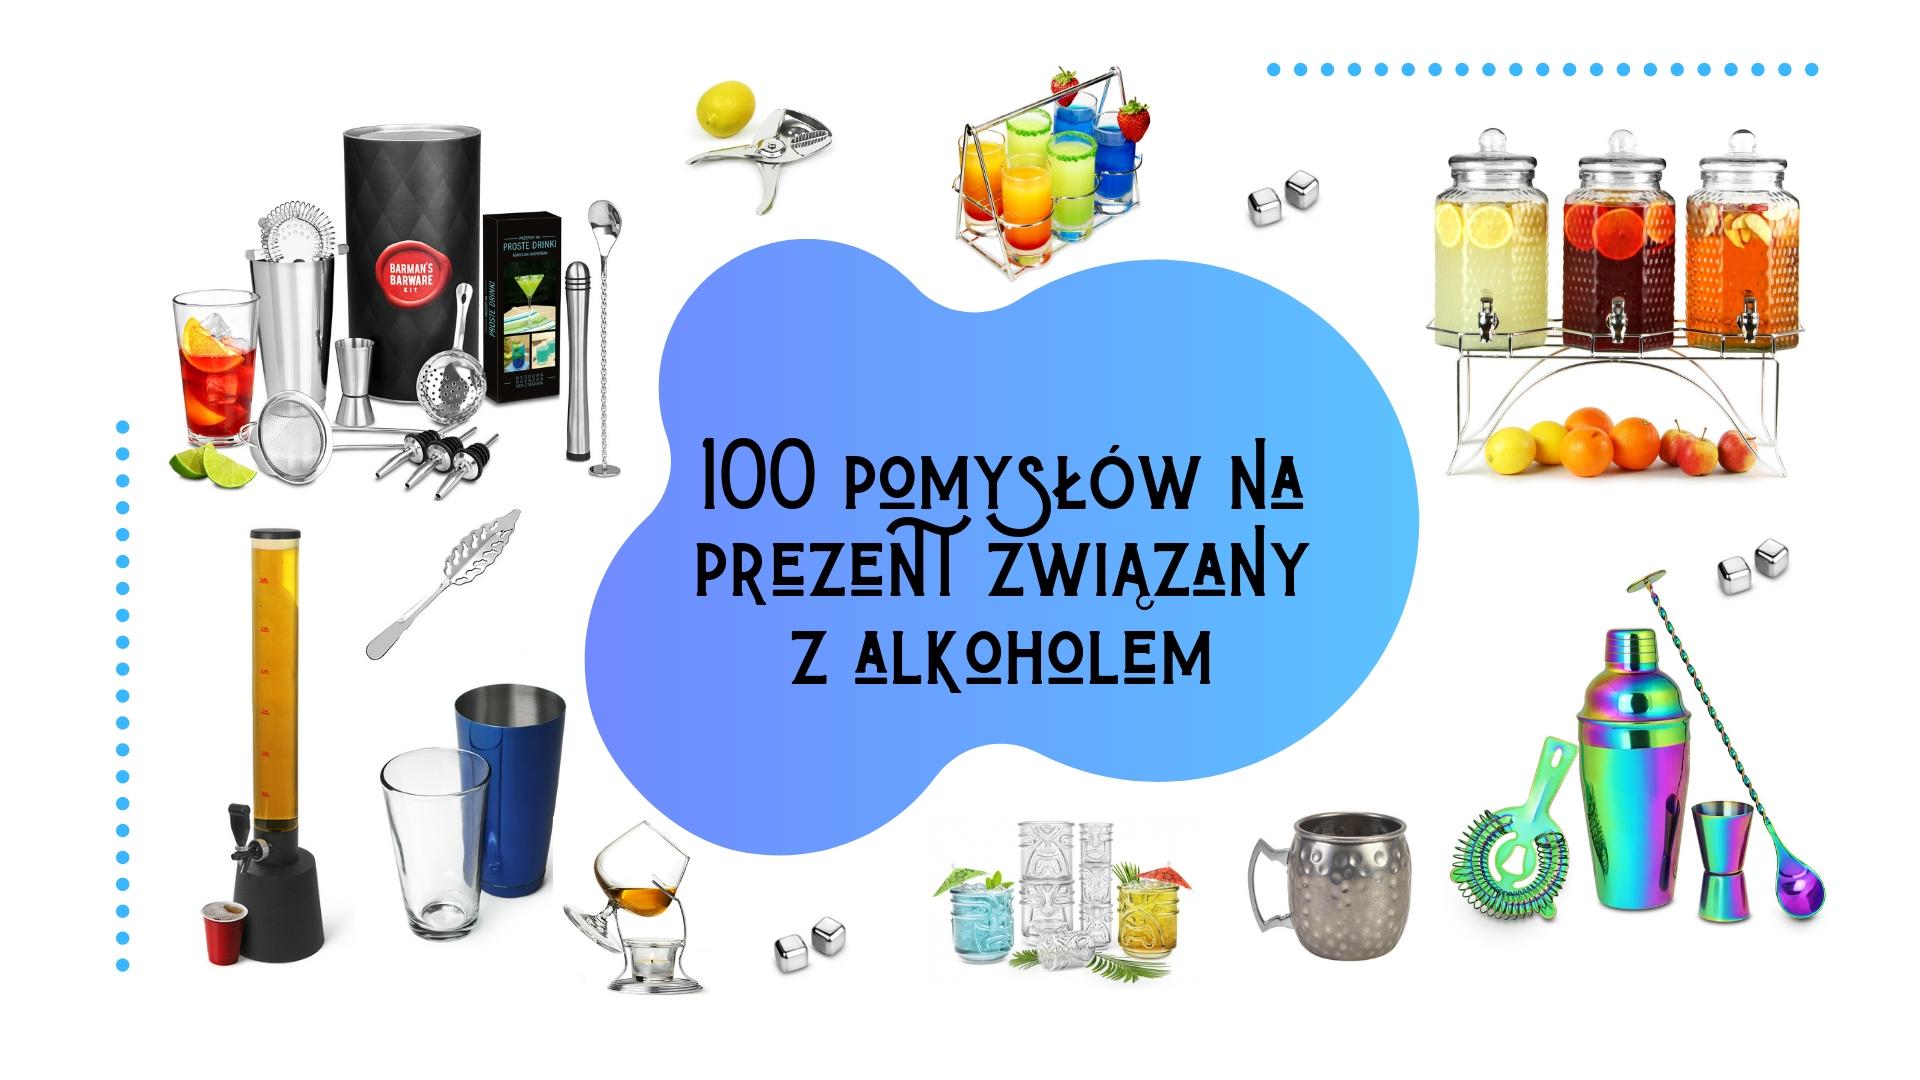 Prezenty związane z alkoholem – ponad 100 pomysłów